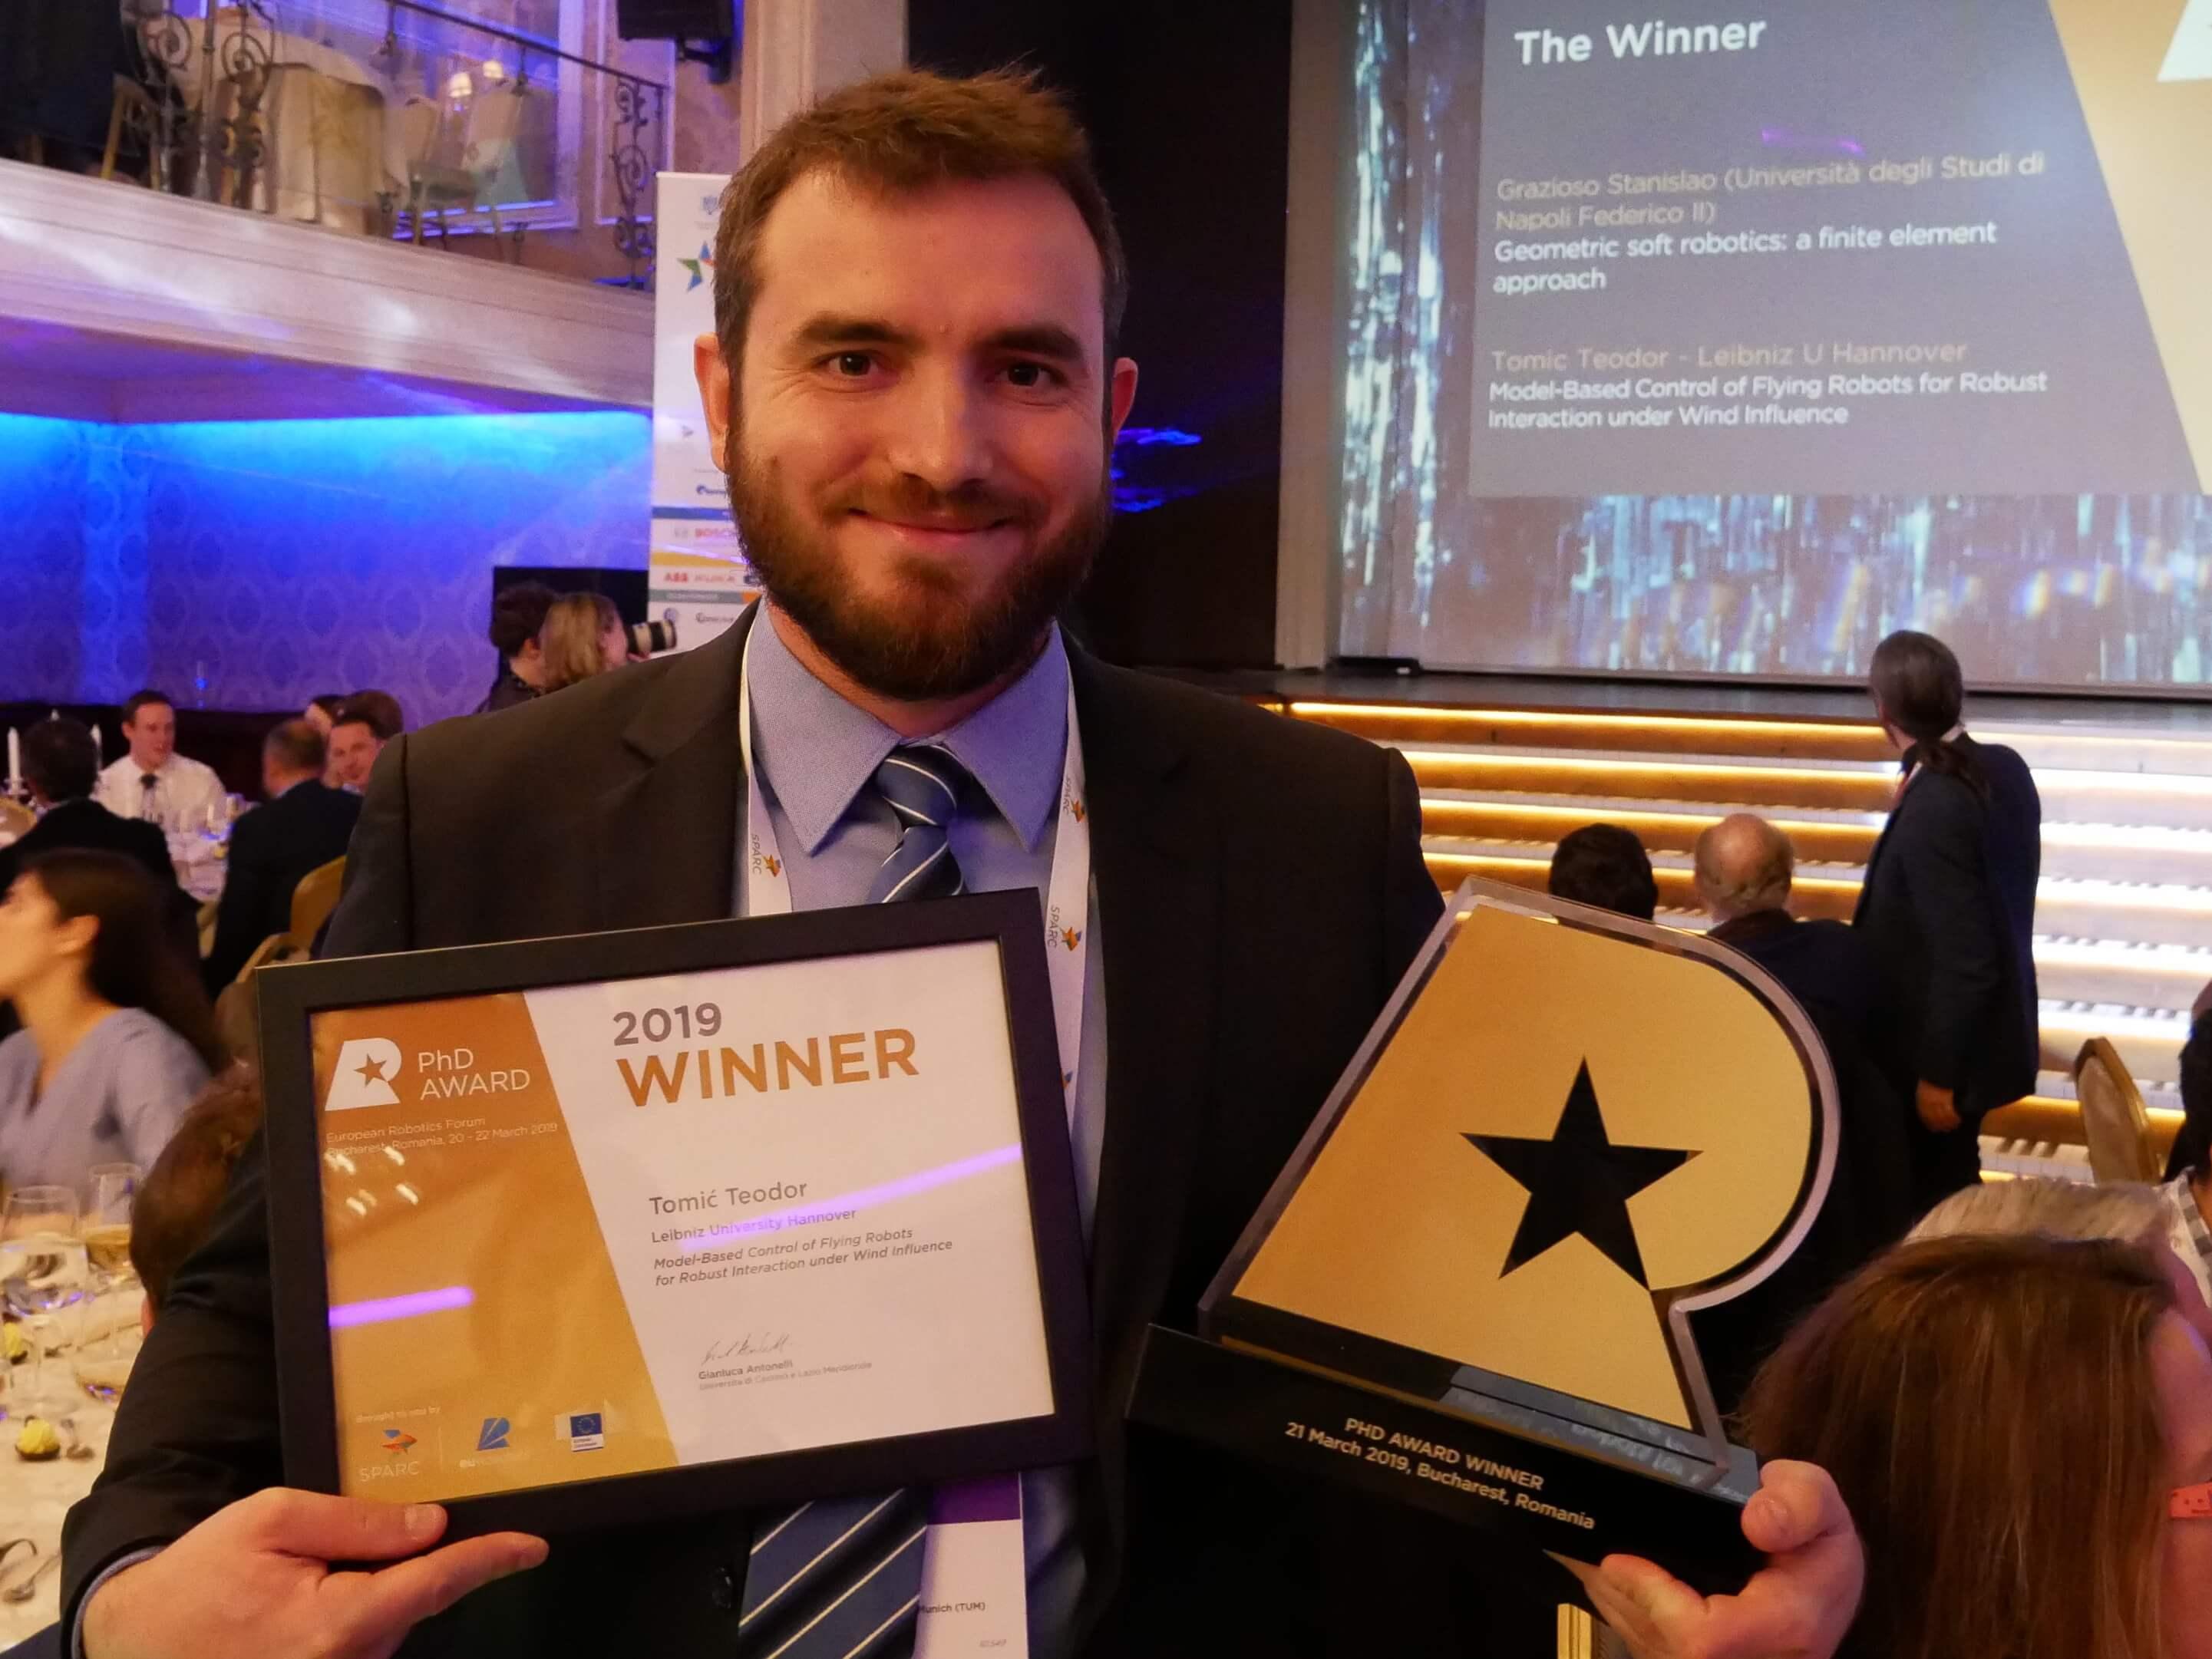 Bivši FSB-ovac pisao je o dronovima i dobio nagradu za najbolji europski doktorat